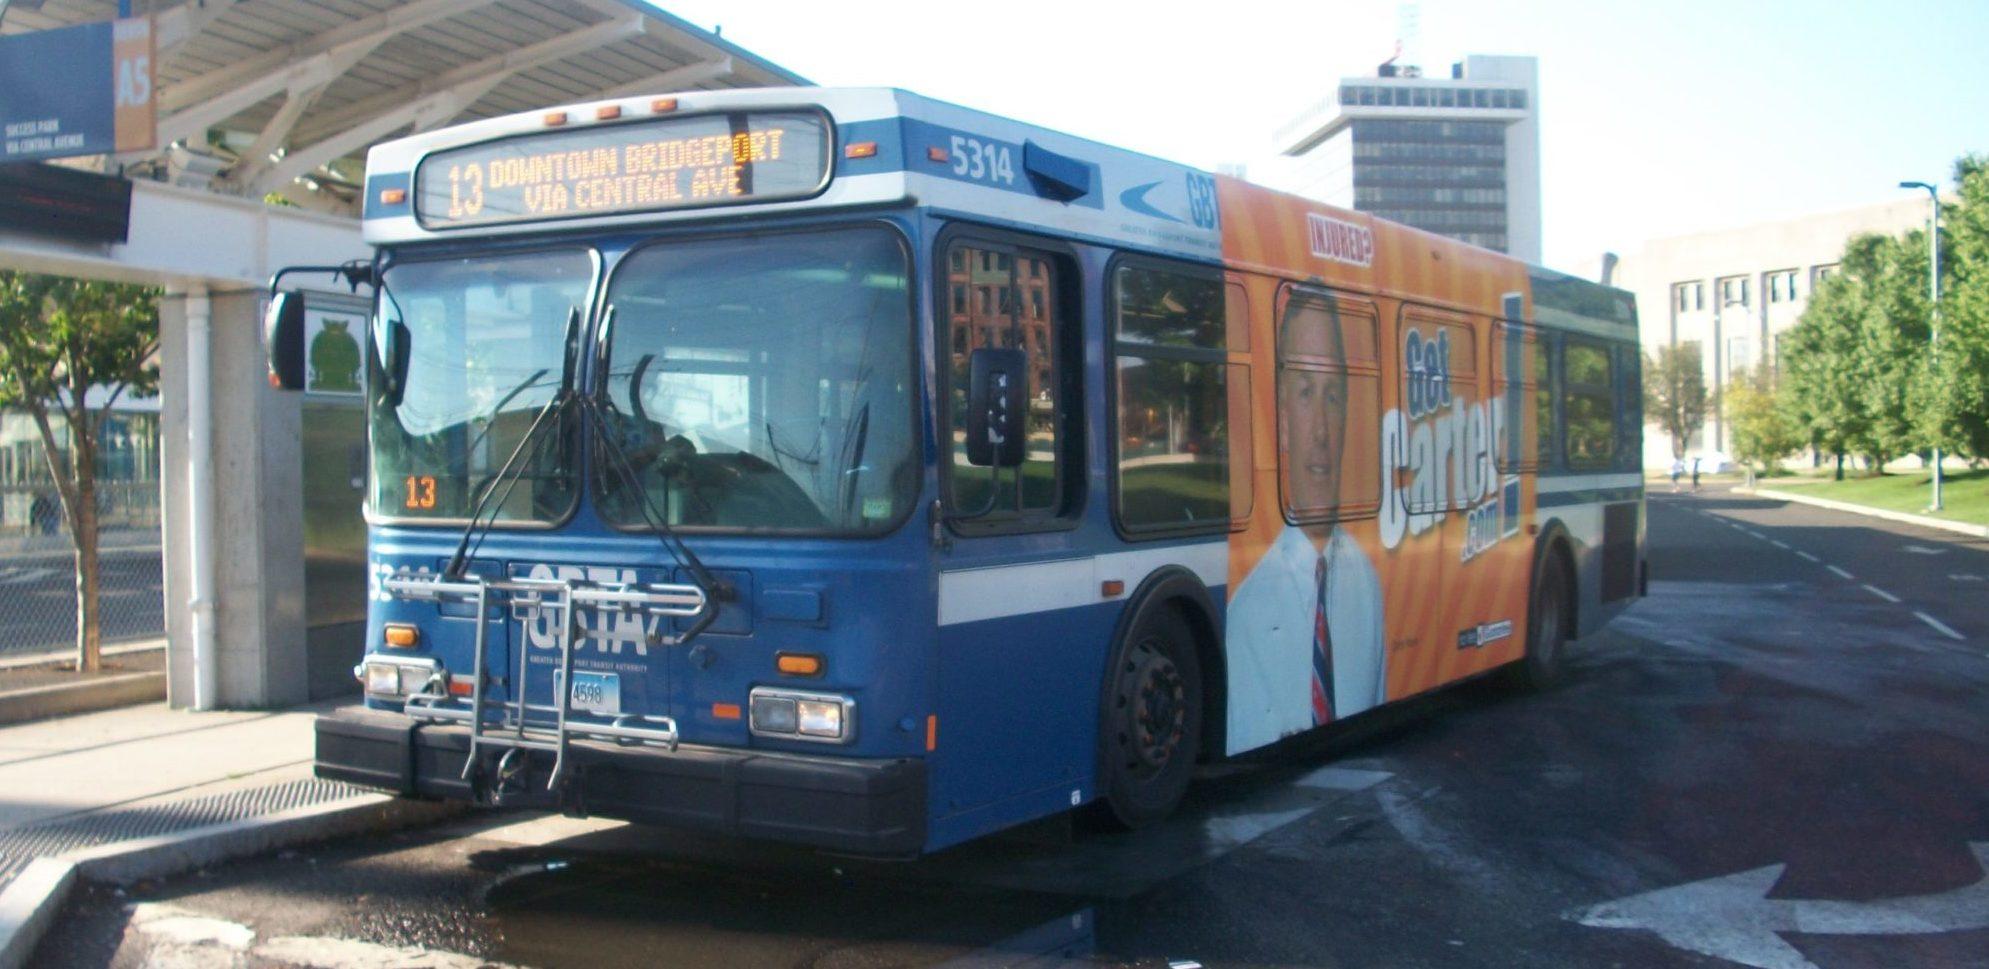 Bus ridership crawls back